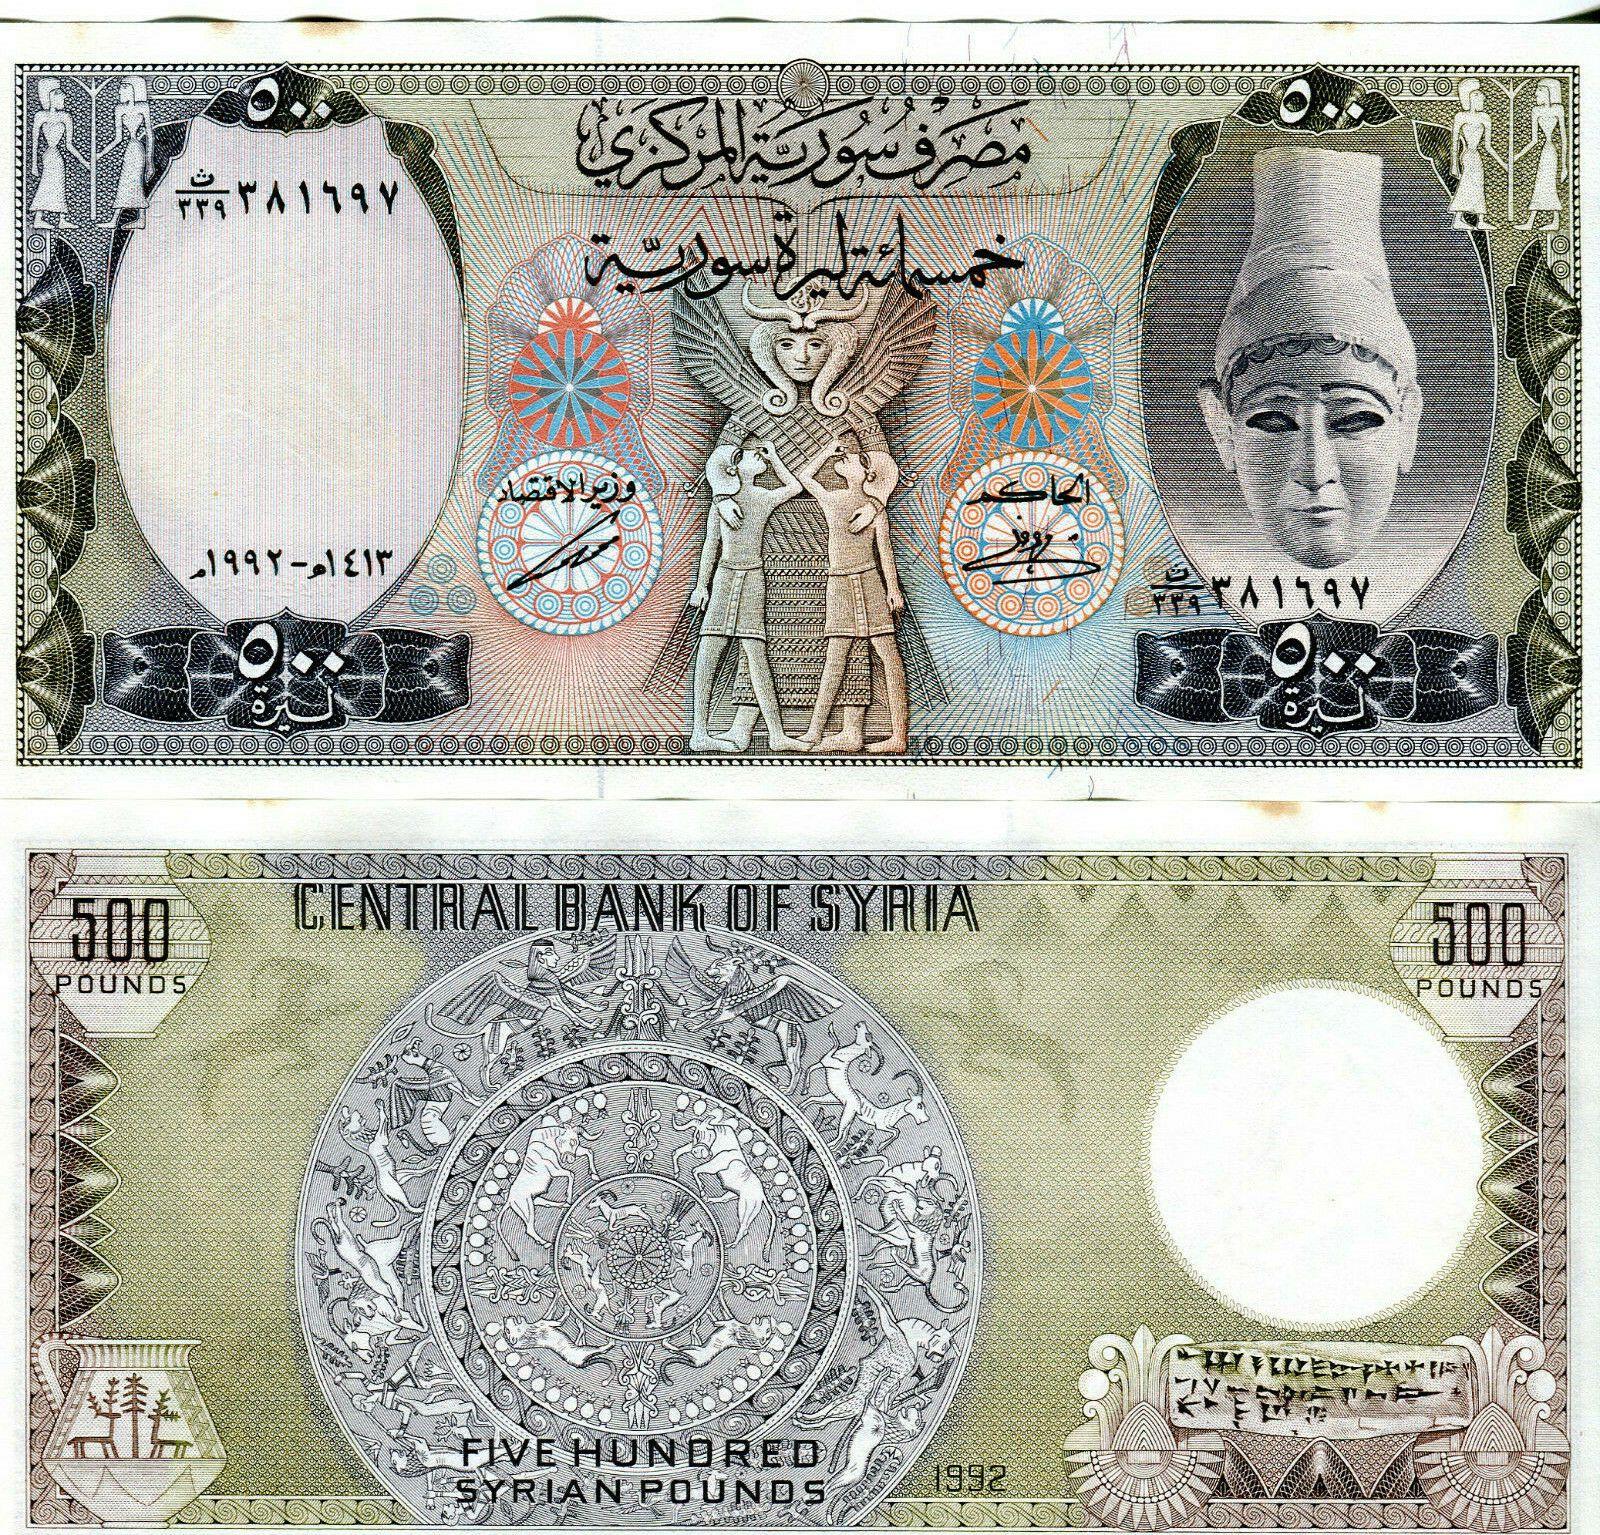 خمسمائة ليرة سورية Aleppo City Bank Notes History